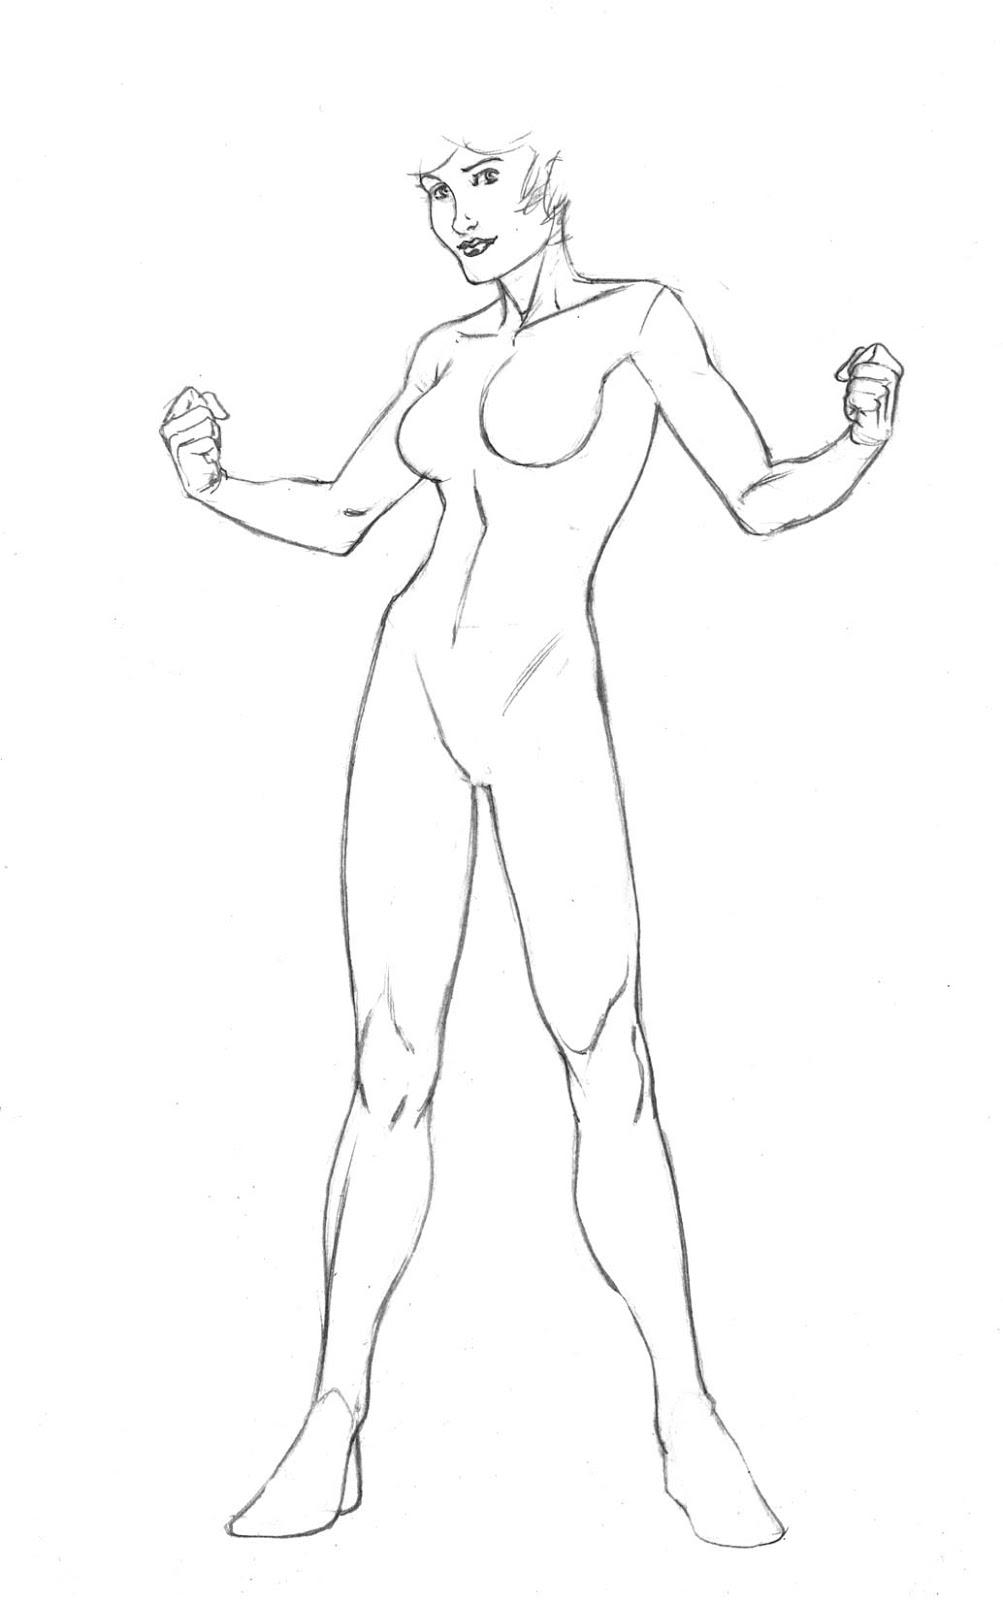 1003x1600 Character Turnarounds And Figure Templates Robert Atkins Art